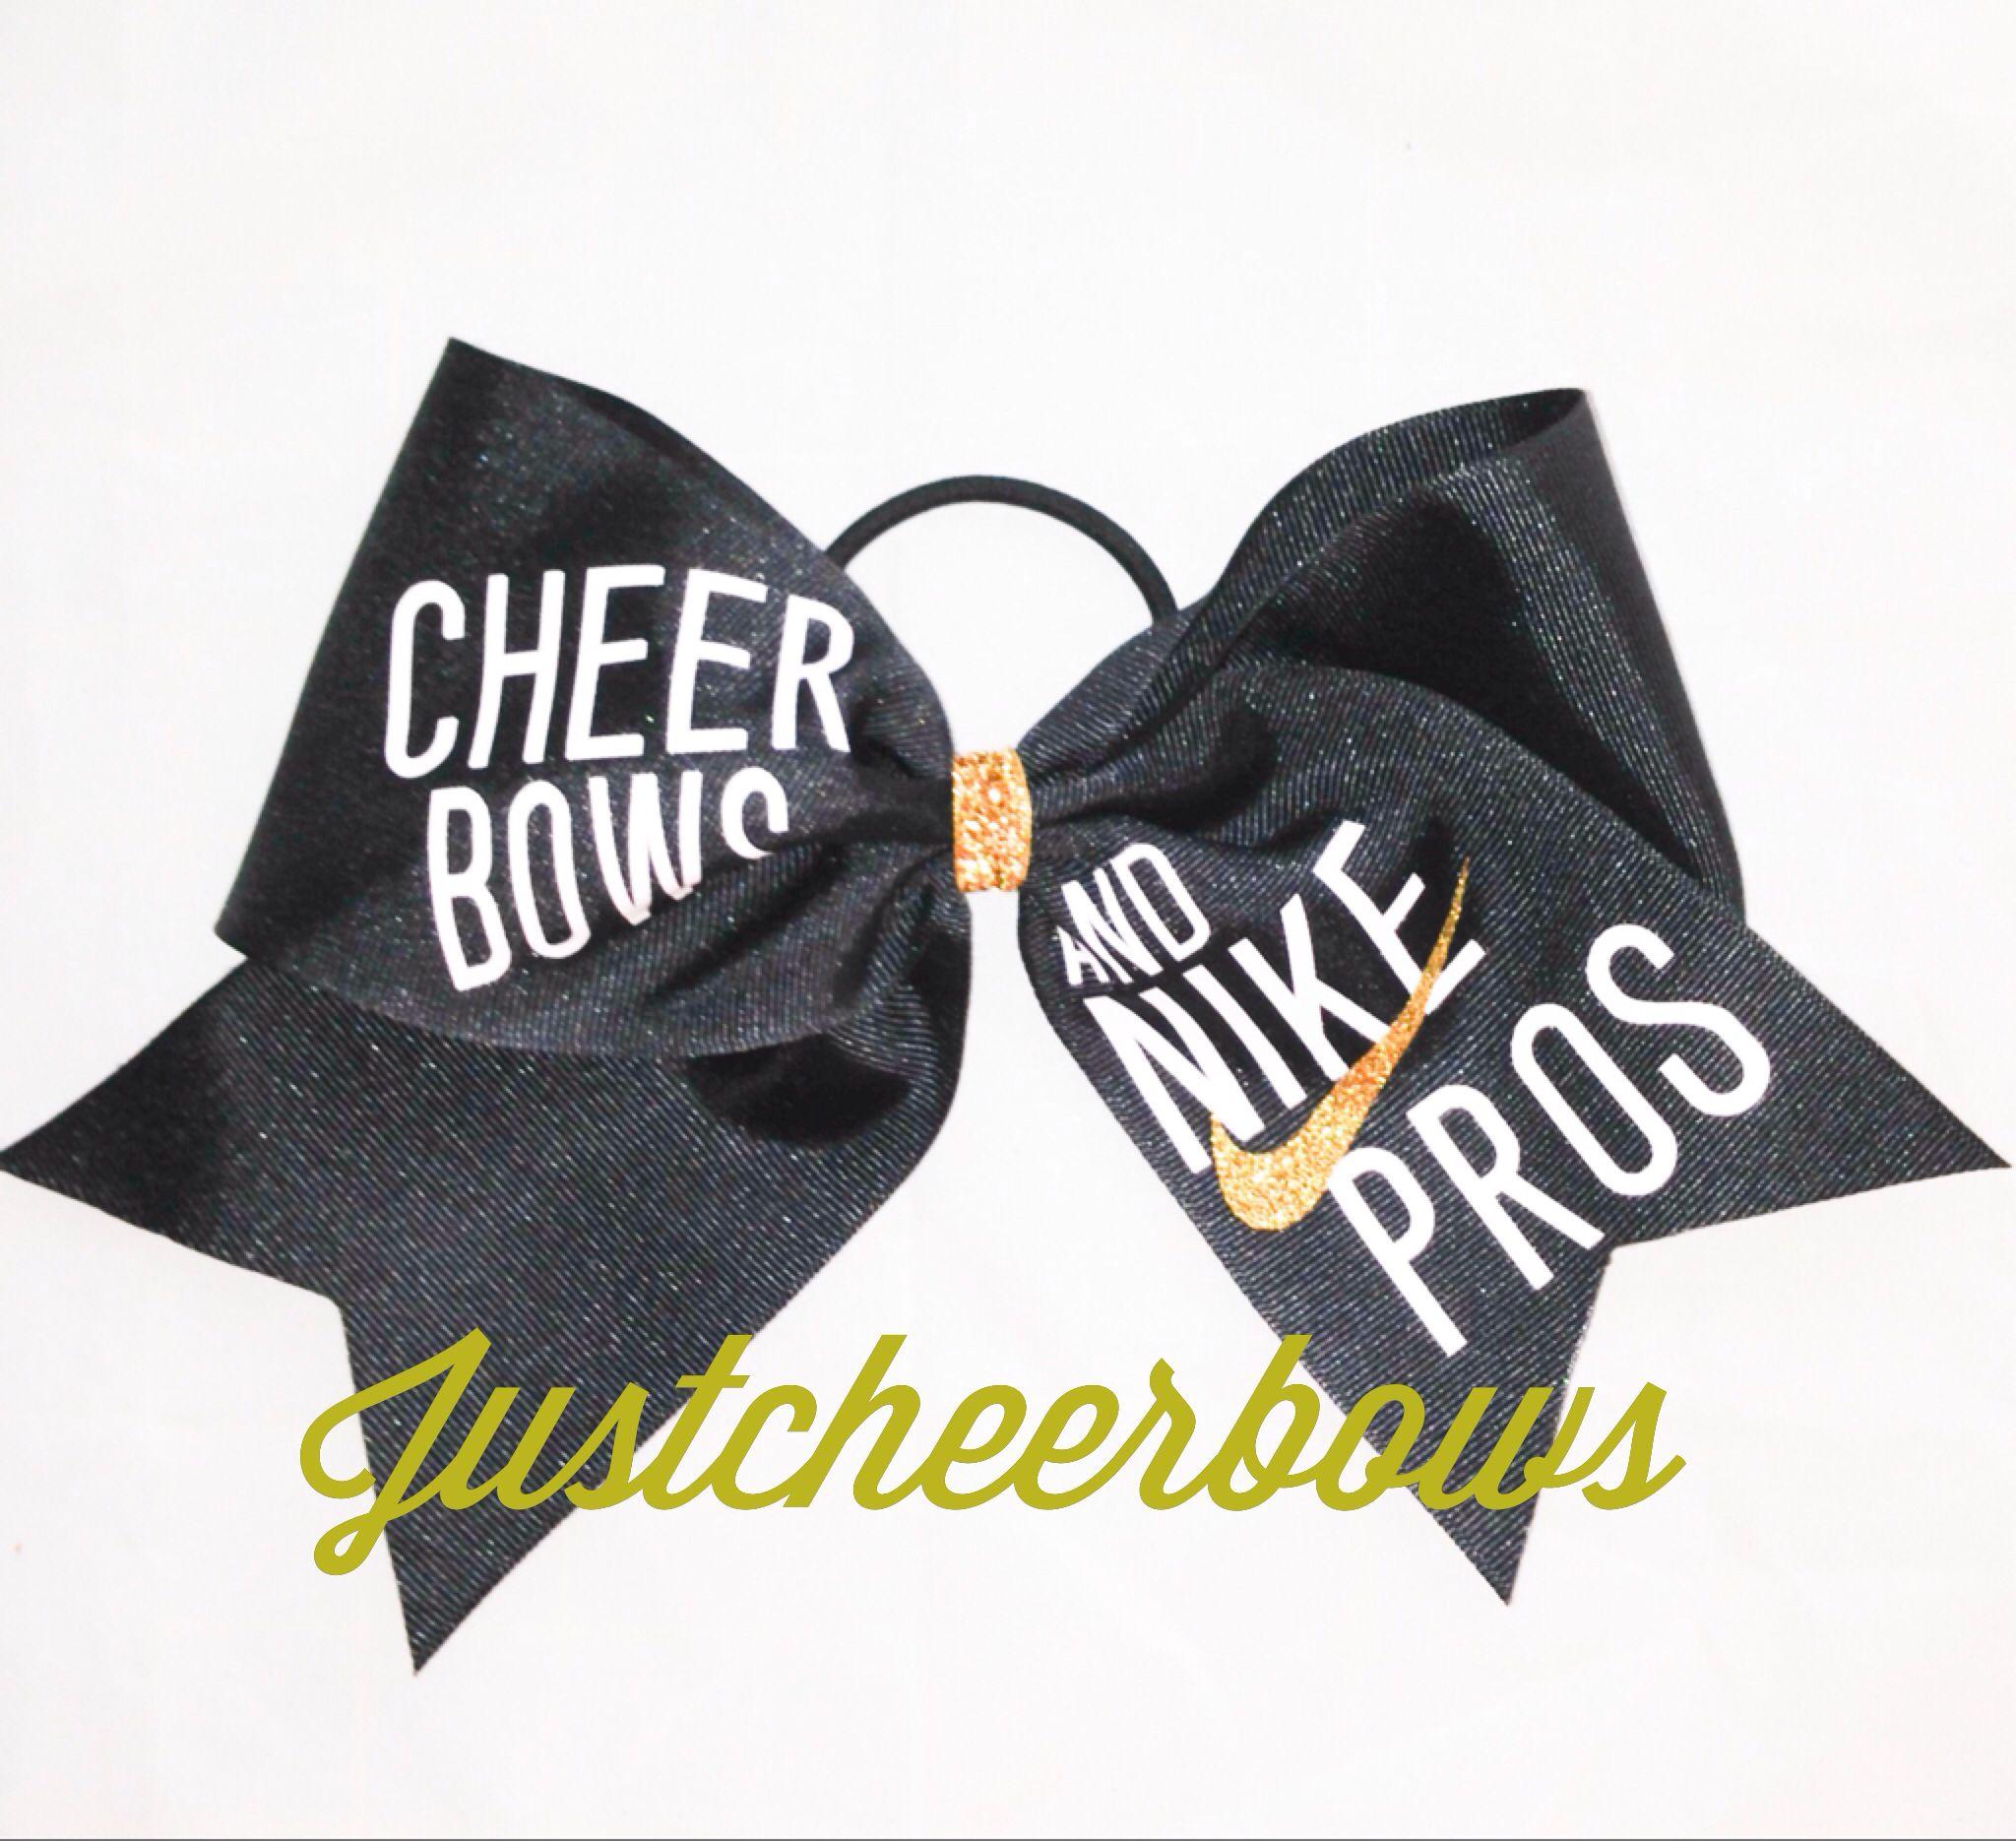 7f9dc26ae805f Cheer Bows & Nike Pros | Bows bows bows! | Cute cheer bows ...